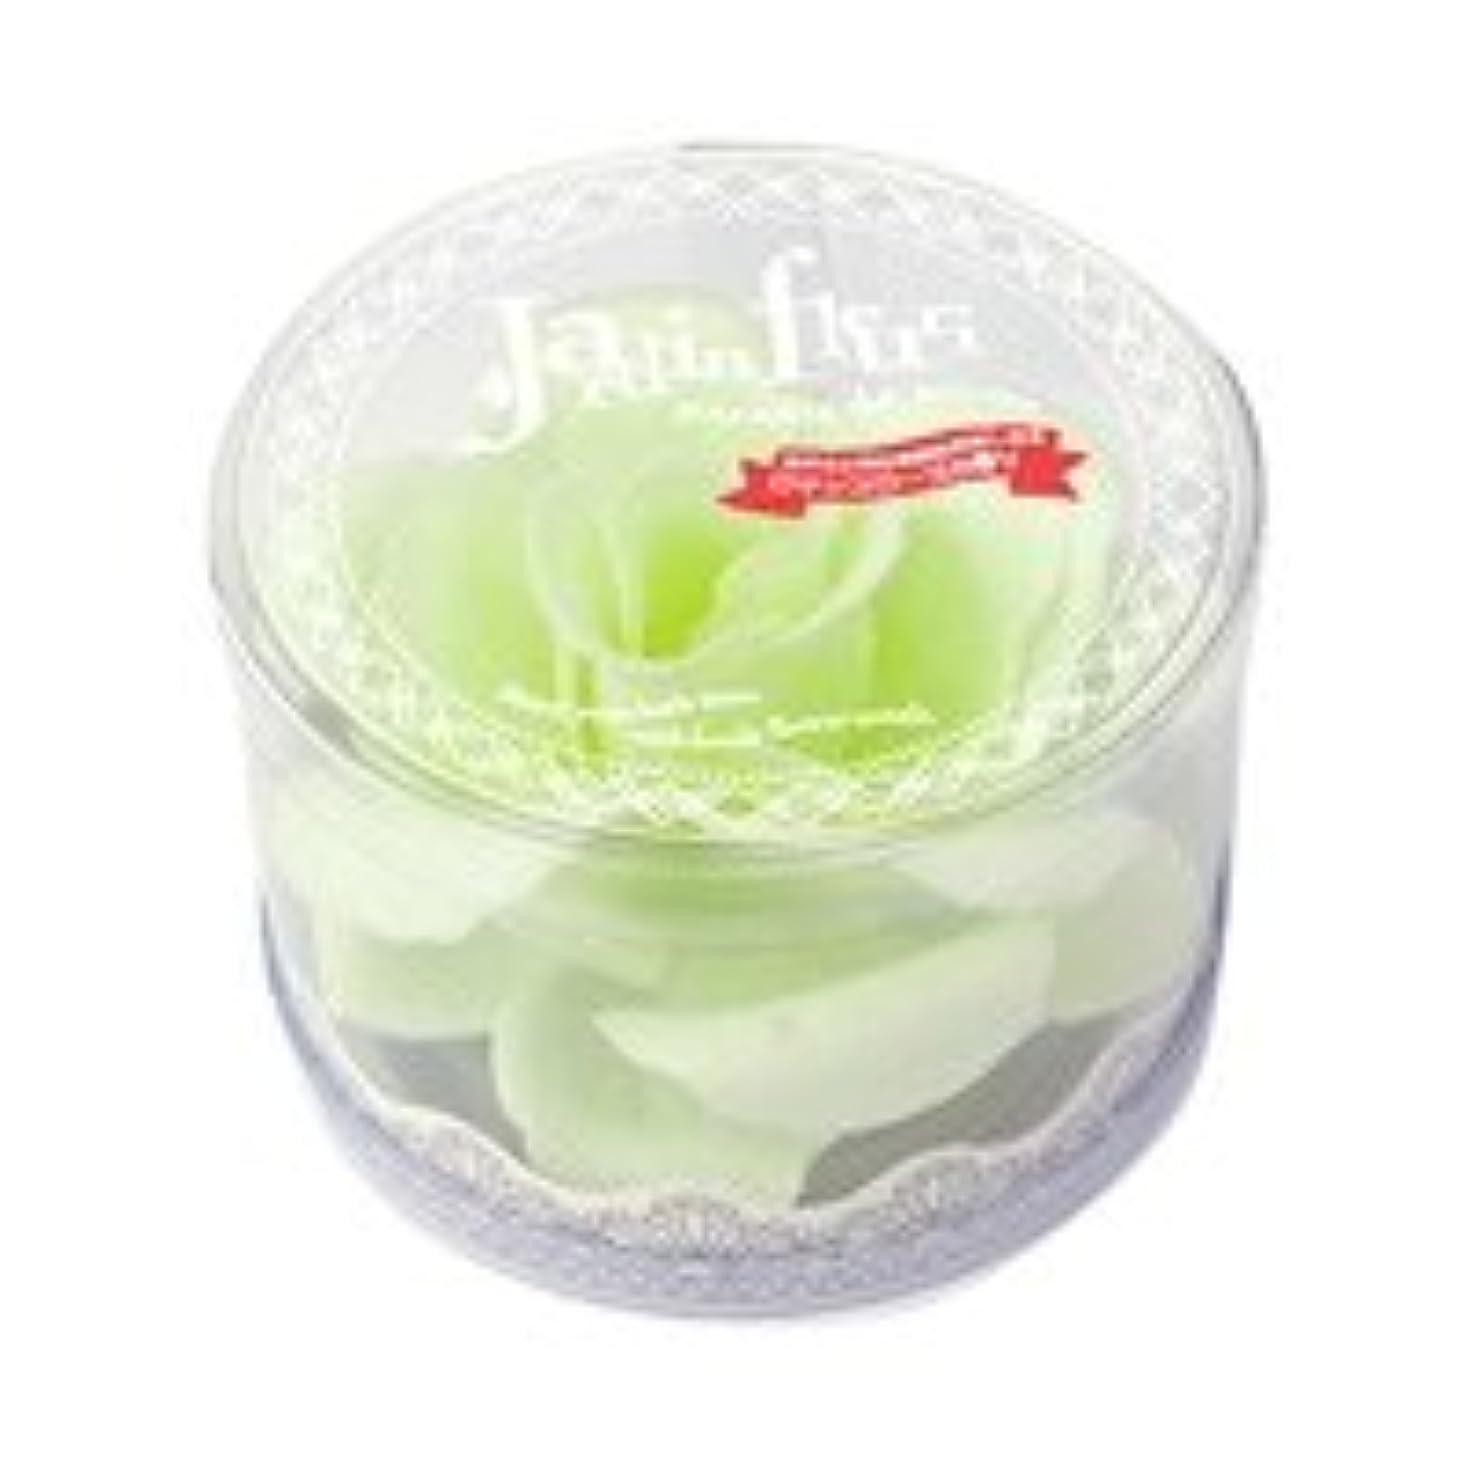 ステープルストレスの多い混雑ジャンダンフルリ バスペタル ボックス「ペール グリーン」6個セット ロマンスローズの香り